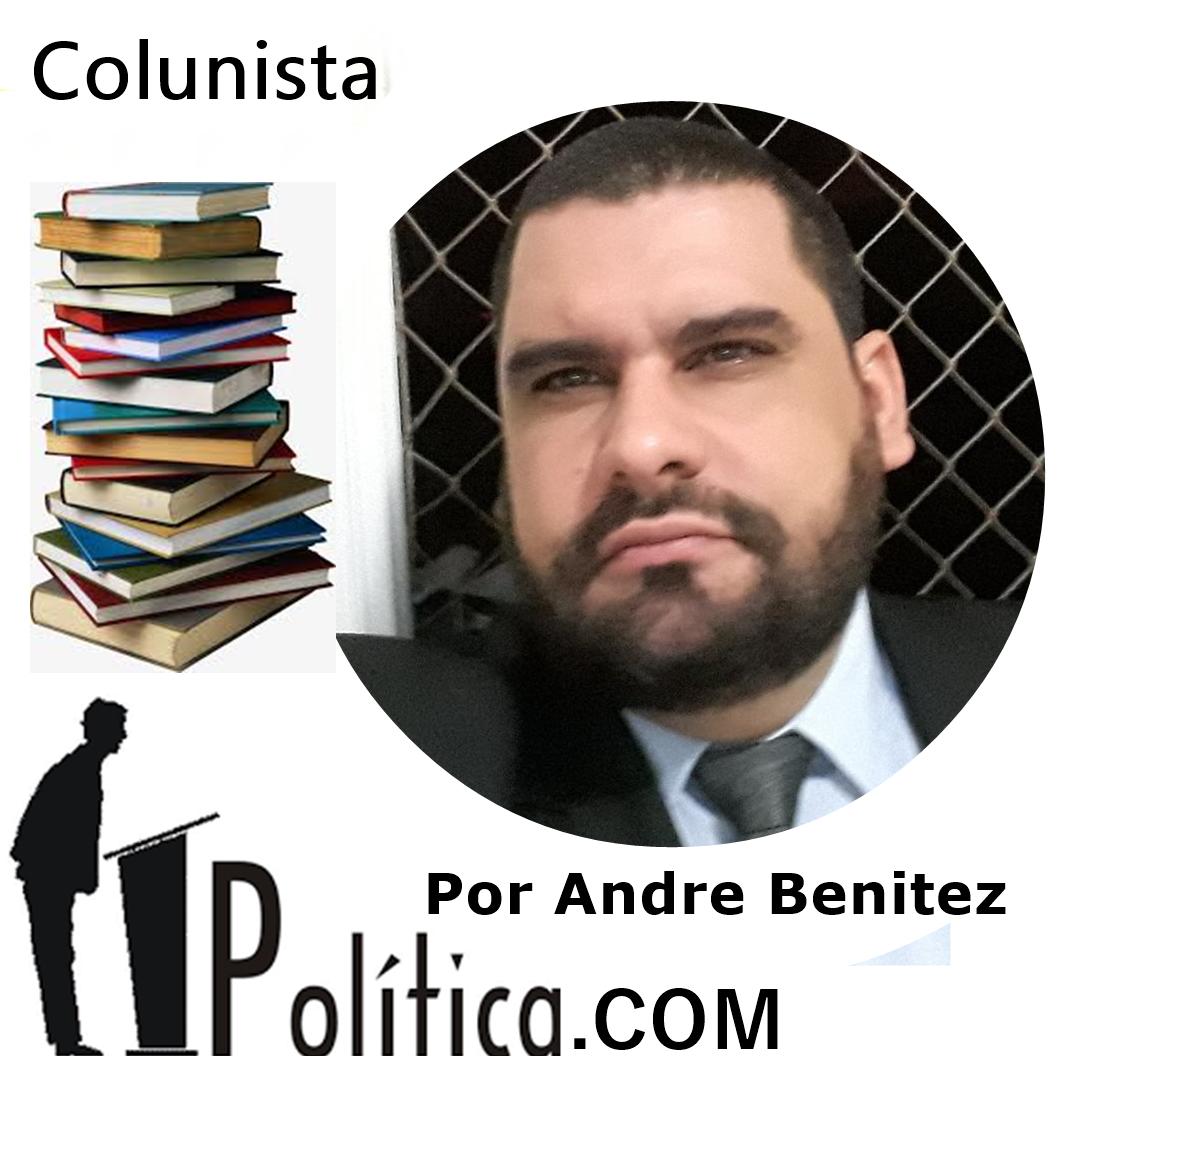 POLITICA.COM POR  ANDRE BENITEZ